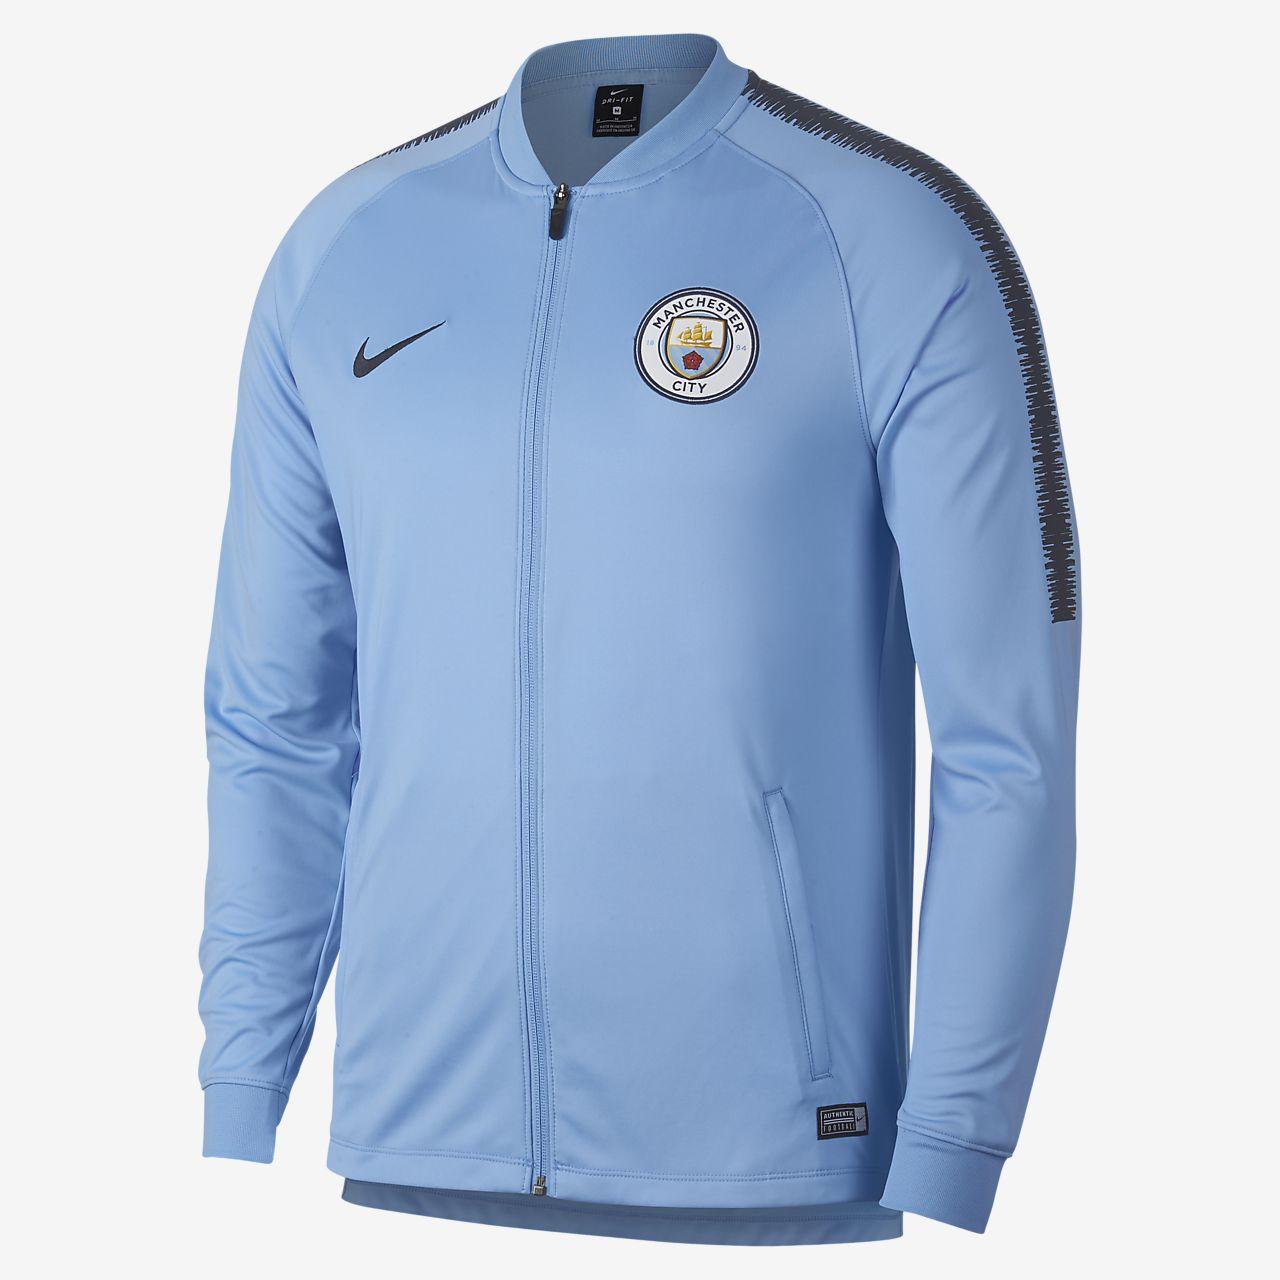 fe275ceb54b47 ... Manchester City FC Dri-FIT Squad Chaqueta de chándal de fútbol - Hombre